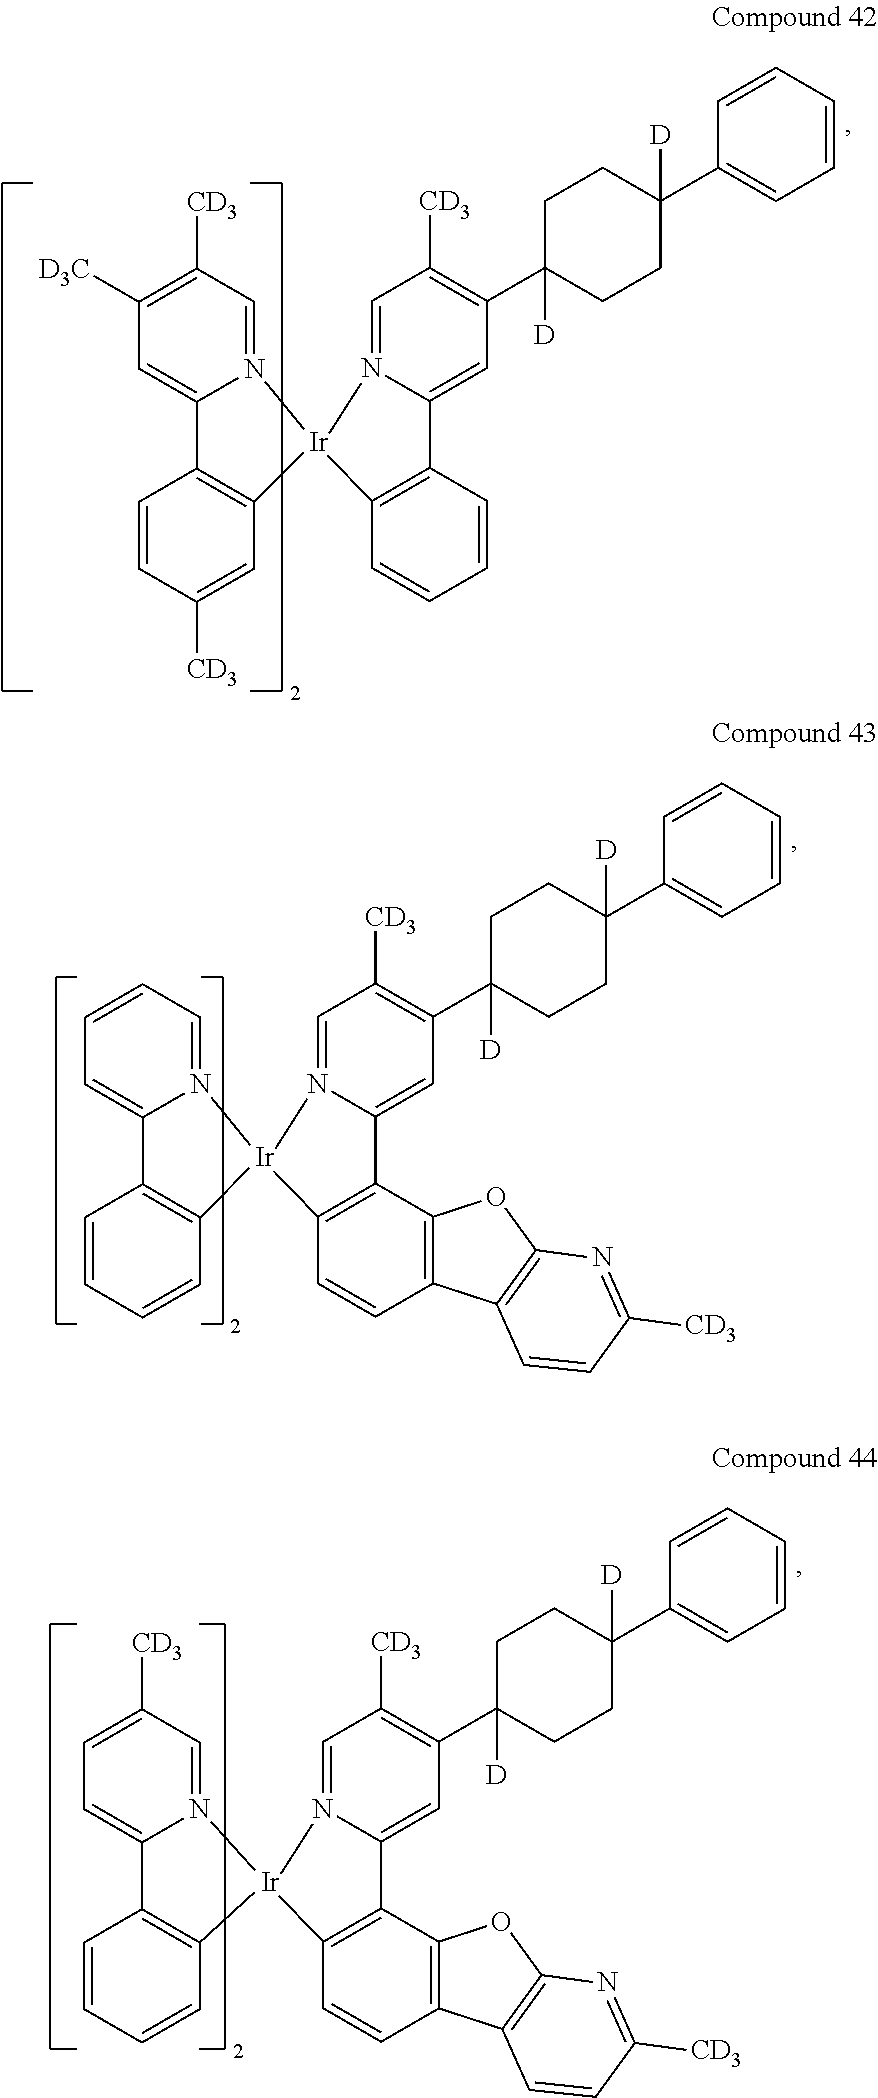 Figure US20180076393A1-20180315-C00035